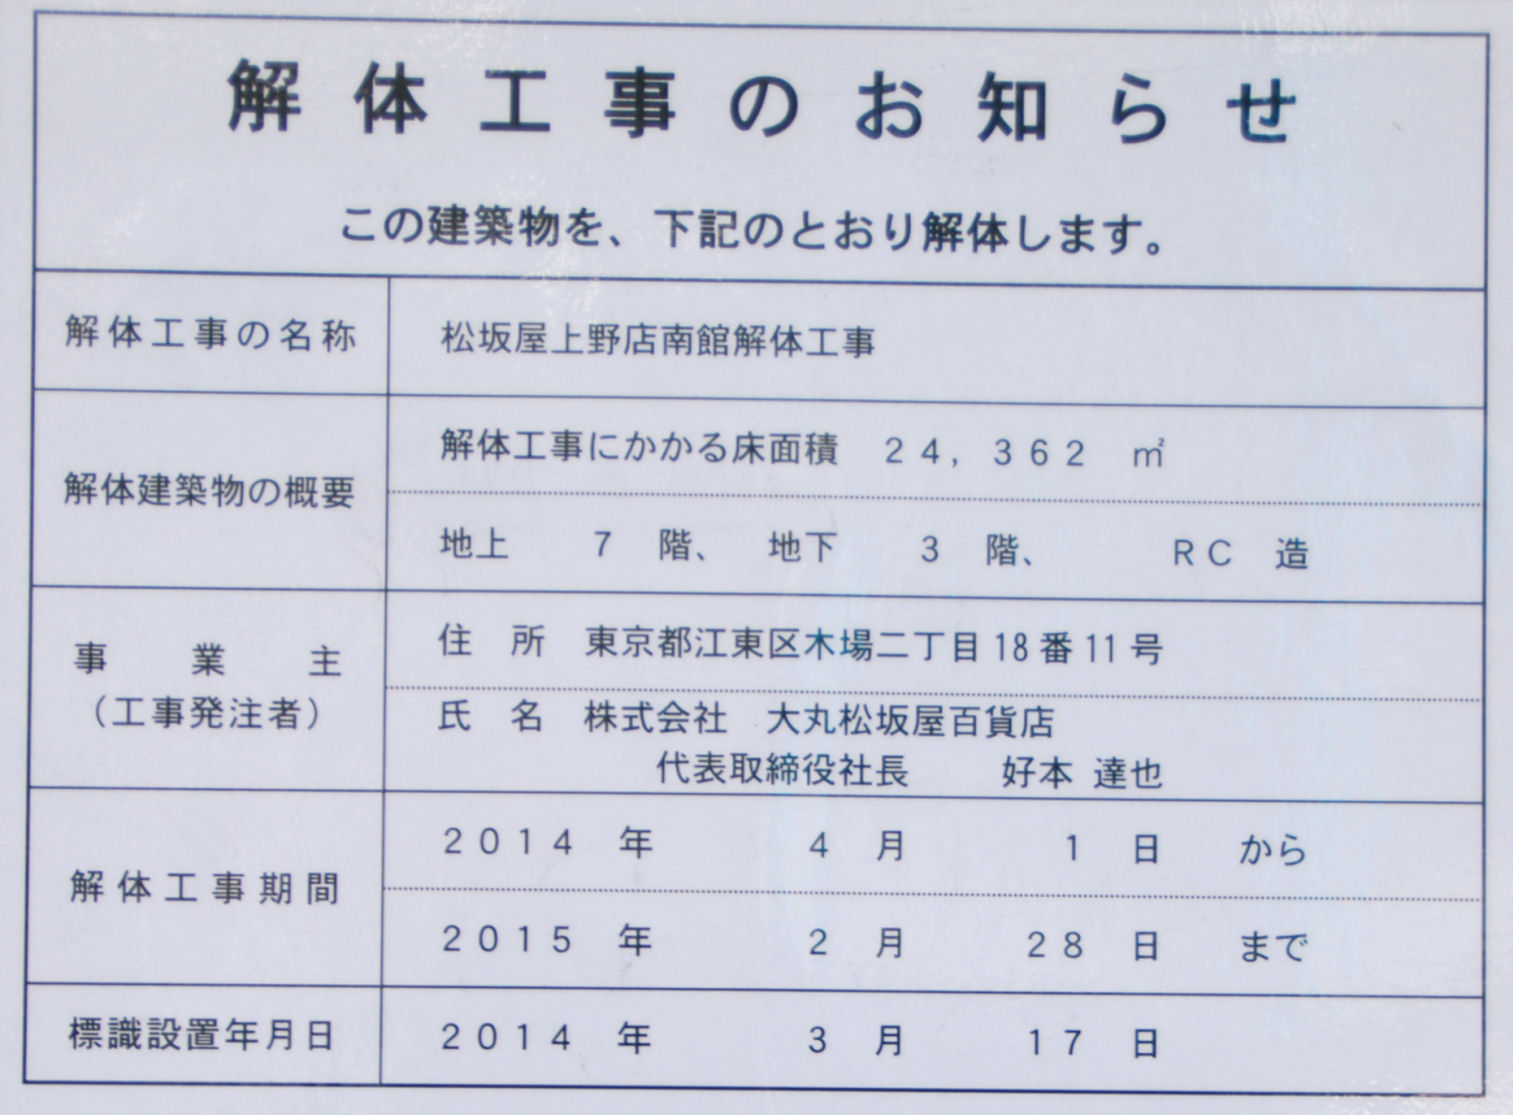 uenomatsu14030018e.jpg